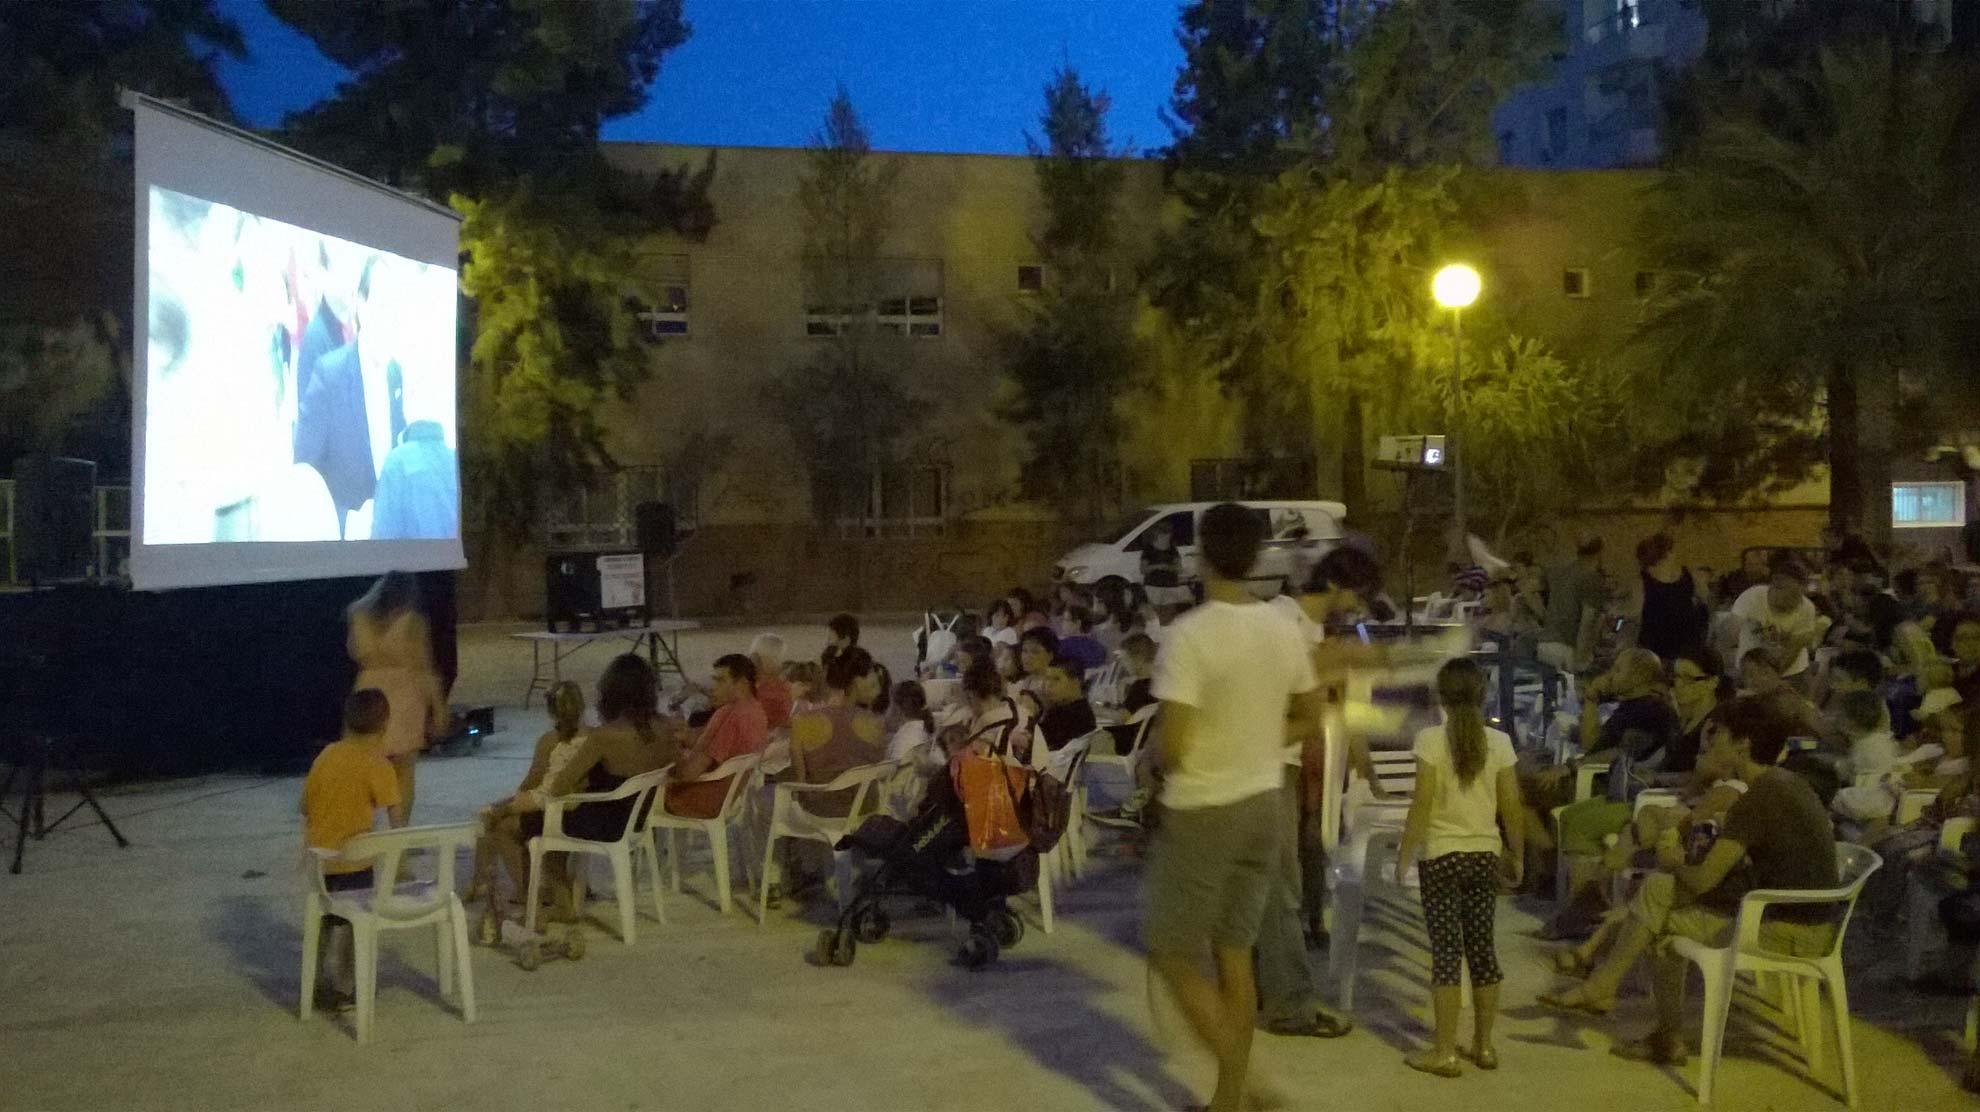 Cine verano gandia 2014 cine gratis al aire libre - Apartamentos en gandia baratos verano ...